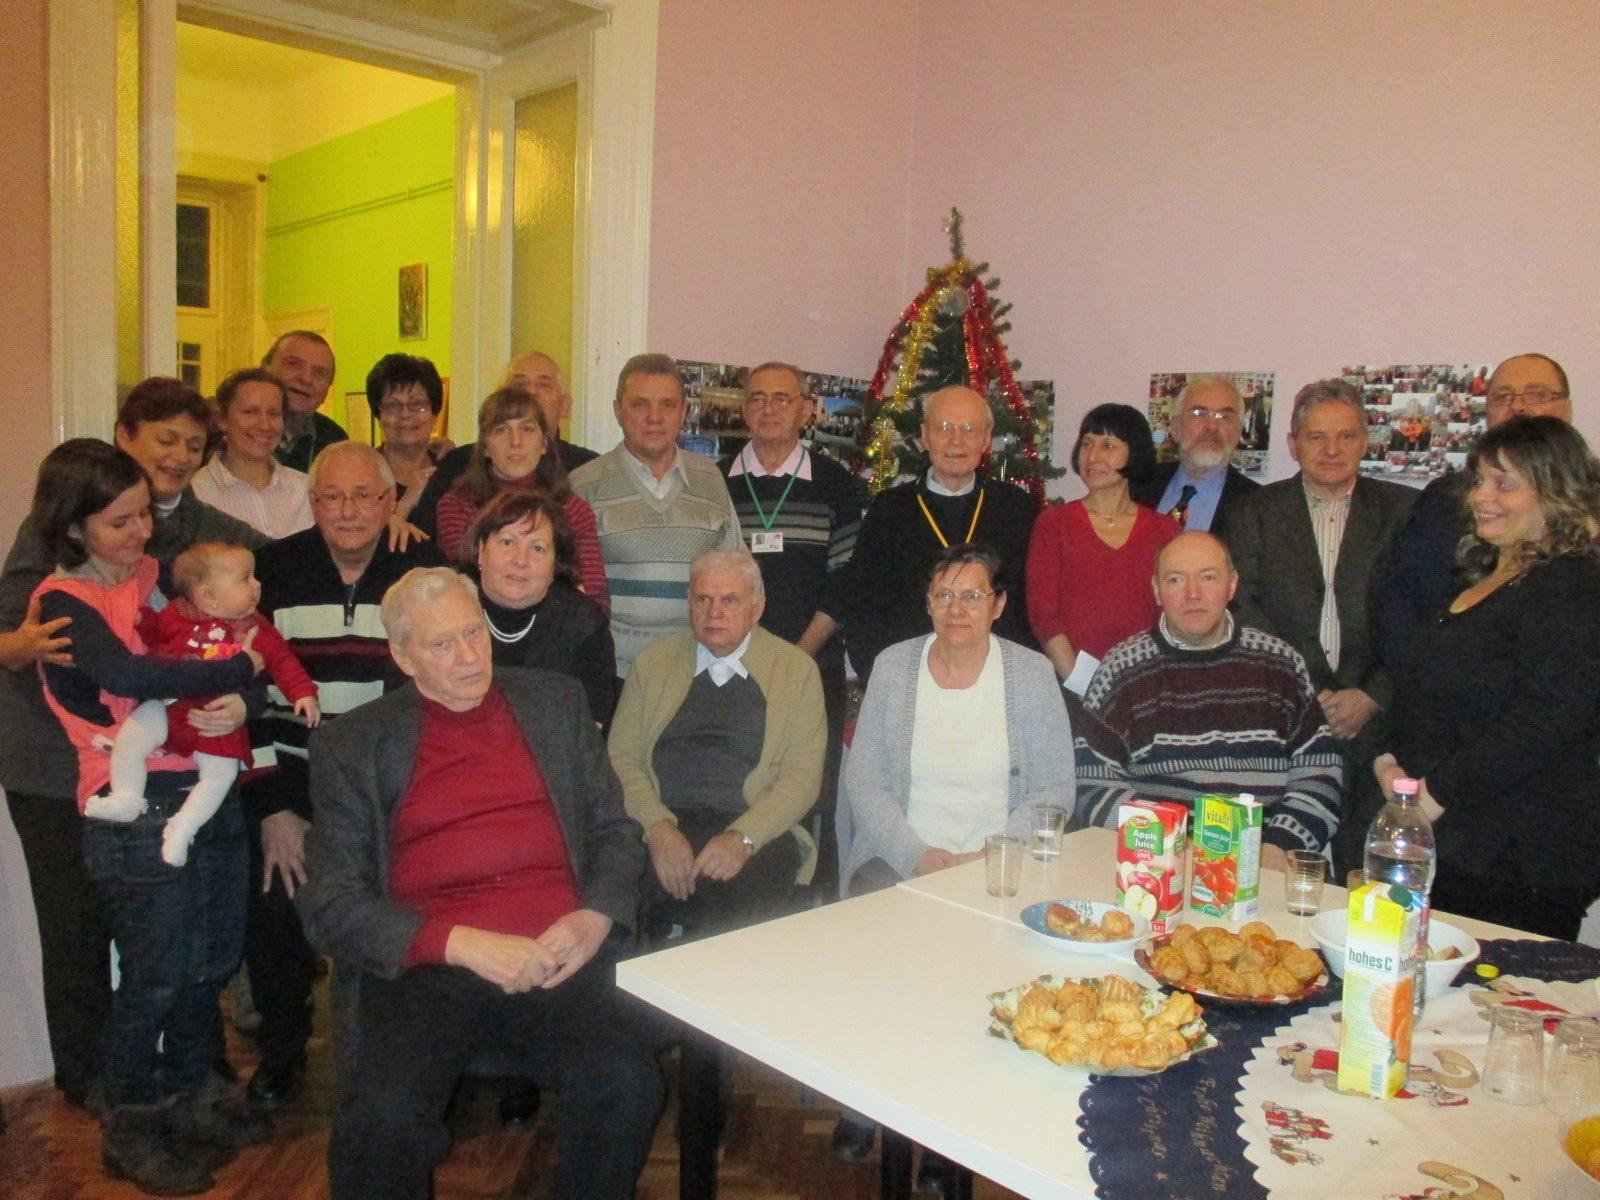 Afázia Egyesület karácsonyi ünneplése az Erzsébetvárosi Közösségi Házban